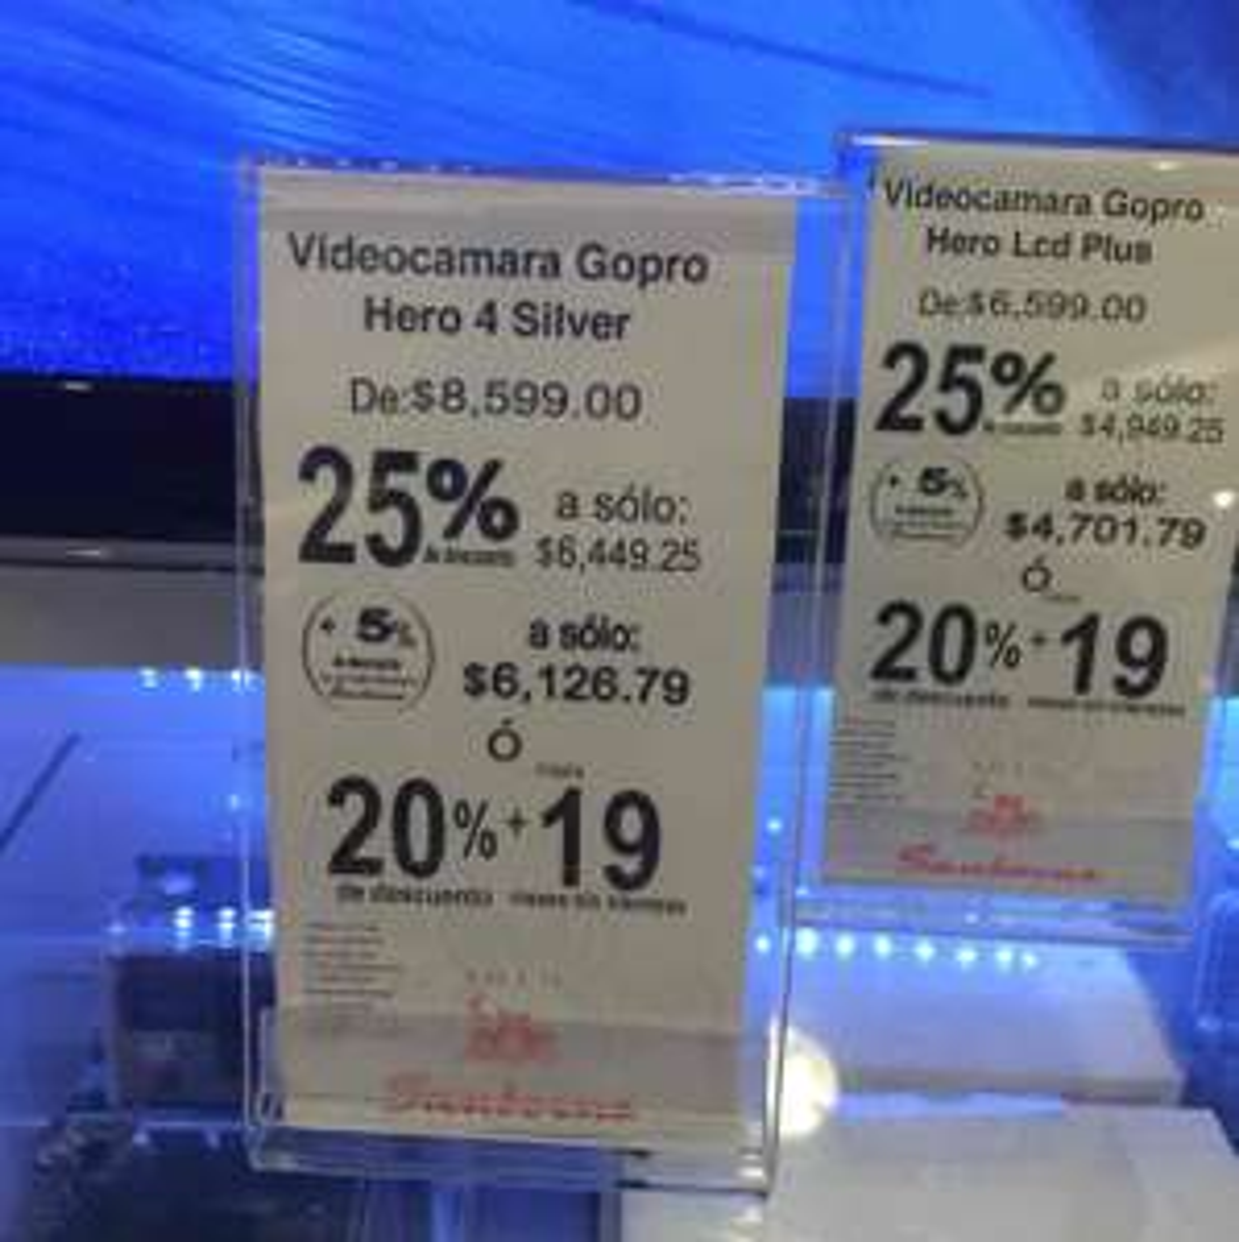 Sanborns: Gopro 4 a $6,449